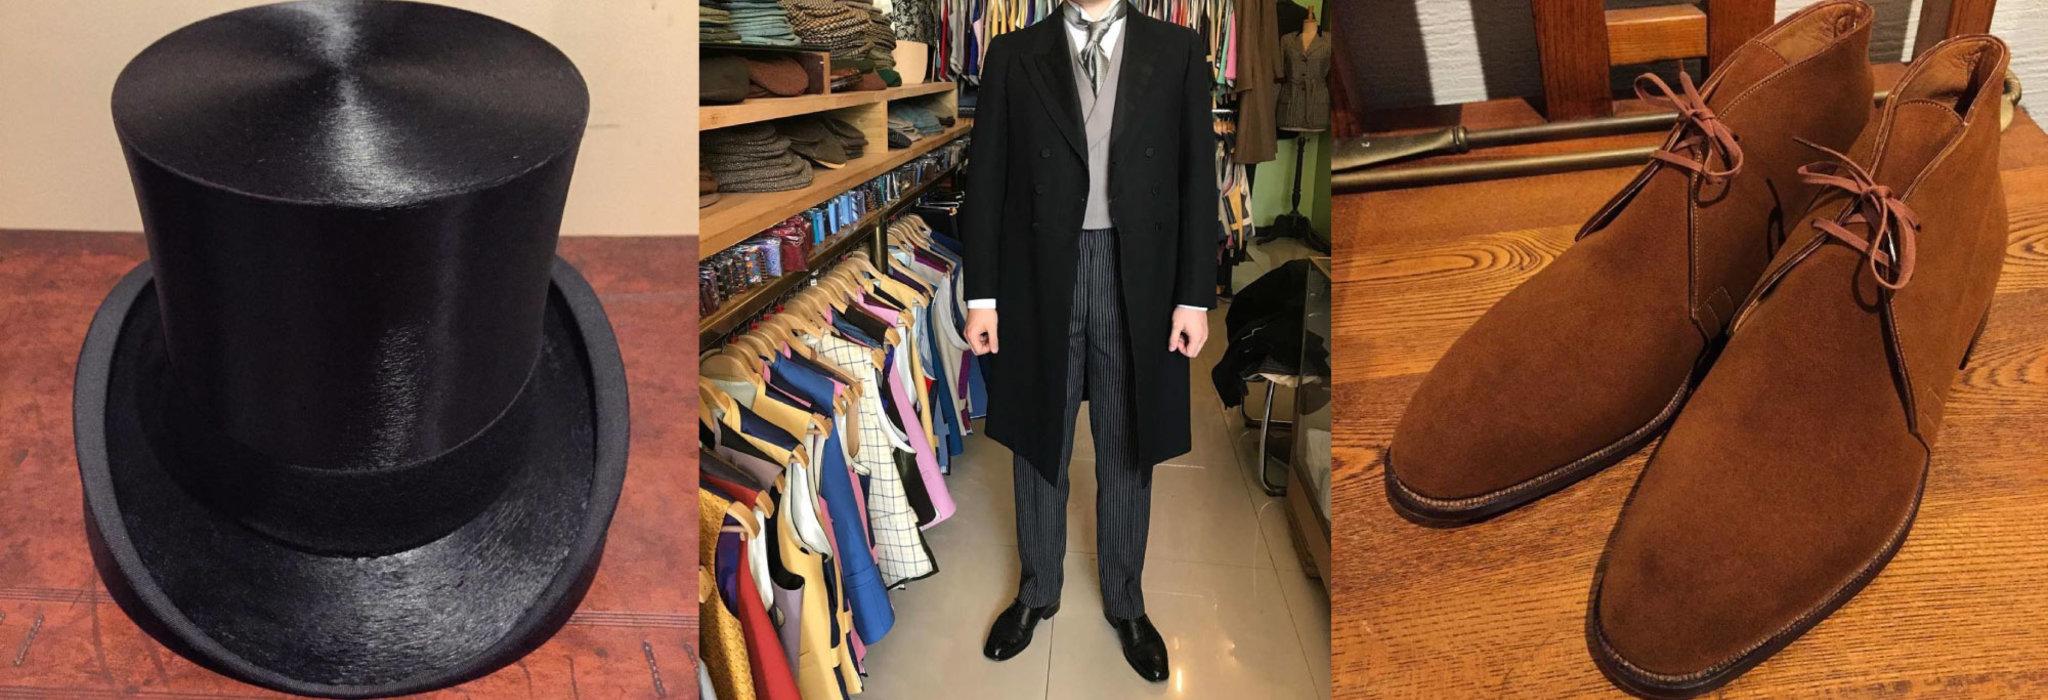 「70年前のイギリス製革靴」との出会いが開いたヴィンテージへの扉_image